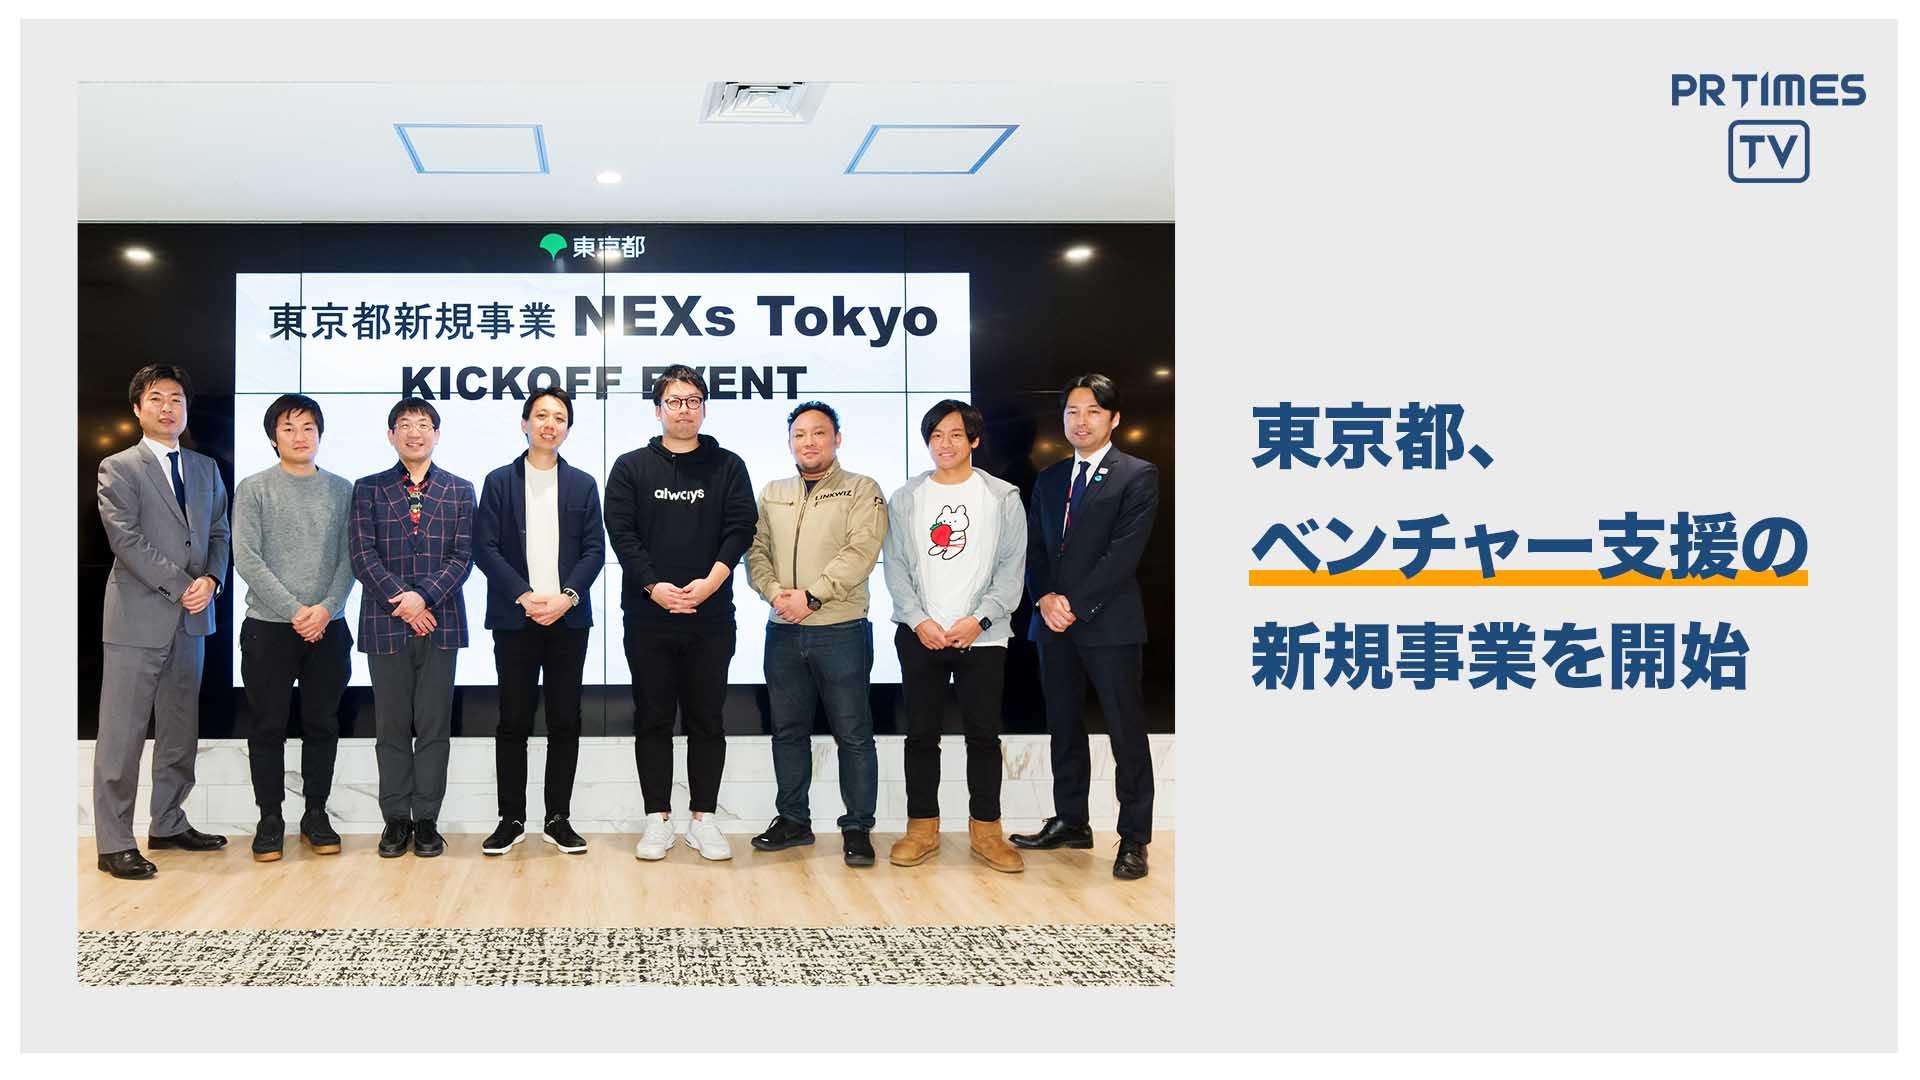 ベンチャー企業の成長を支援する『NEXs Tokyo』プロジェクトのキックオフイベントを開催